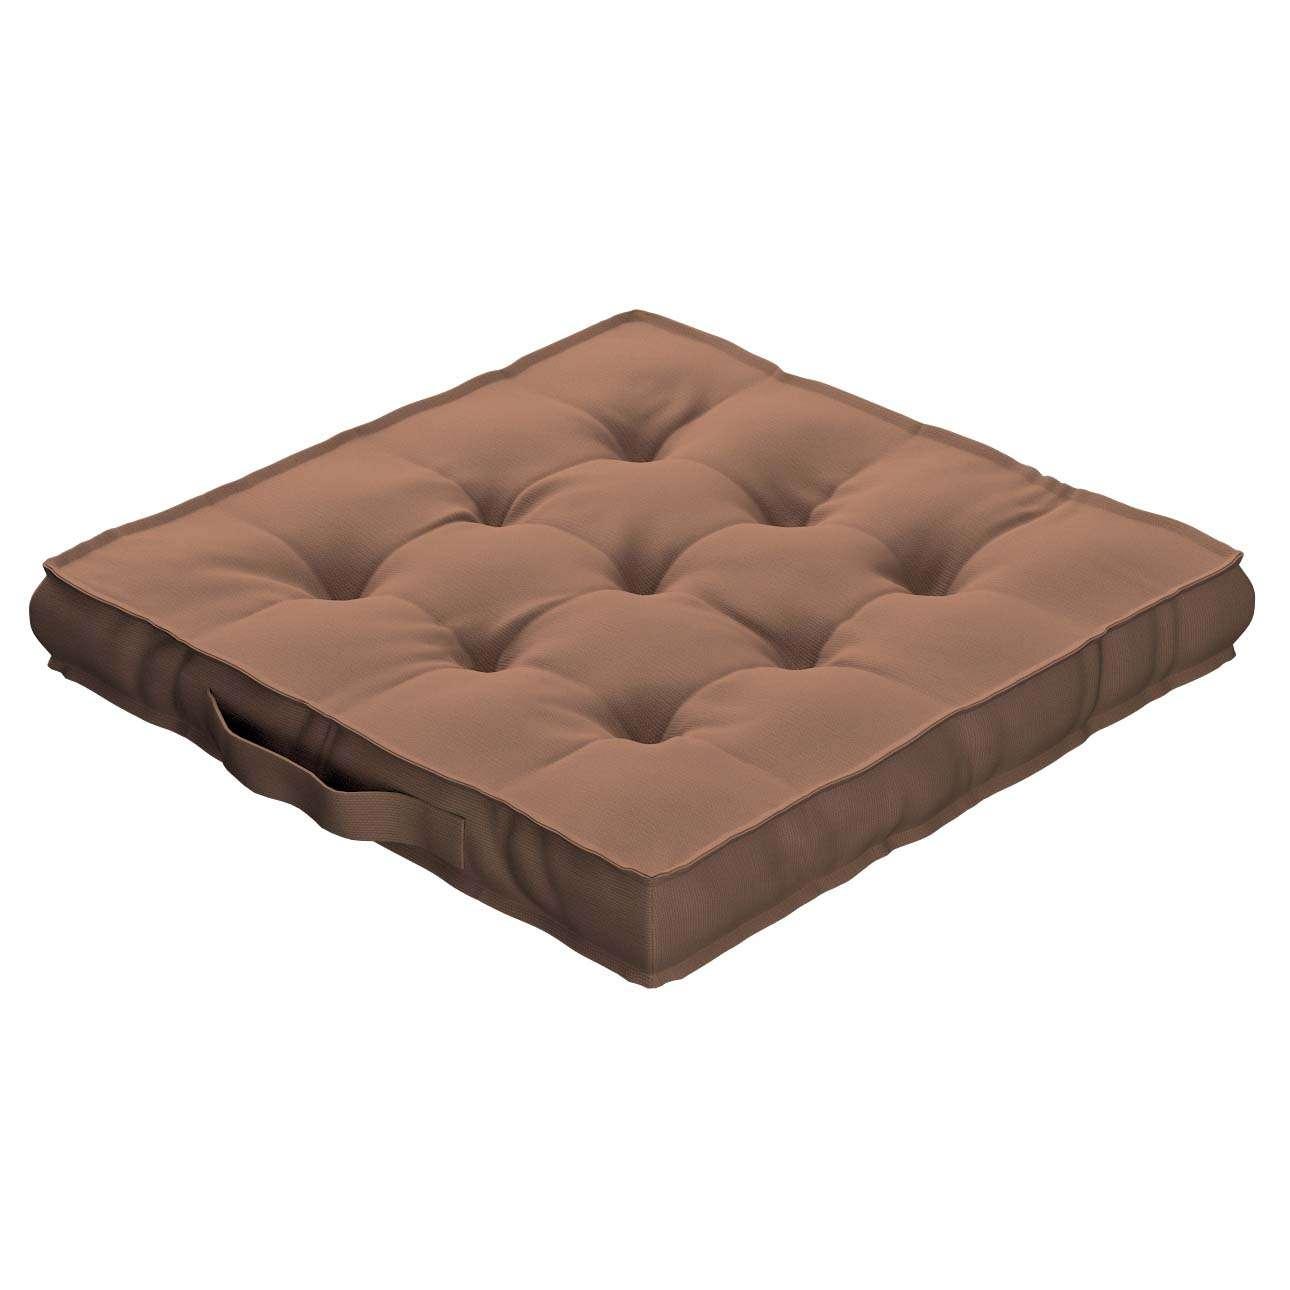 Sitzkissen Jacob mit Handgriff 40 x 40 x 6 cm von der Kollektion Cotton Panama, Stoff: 702-02